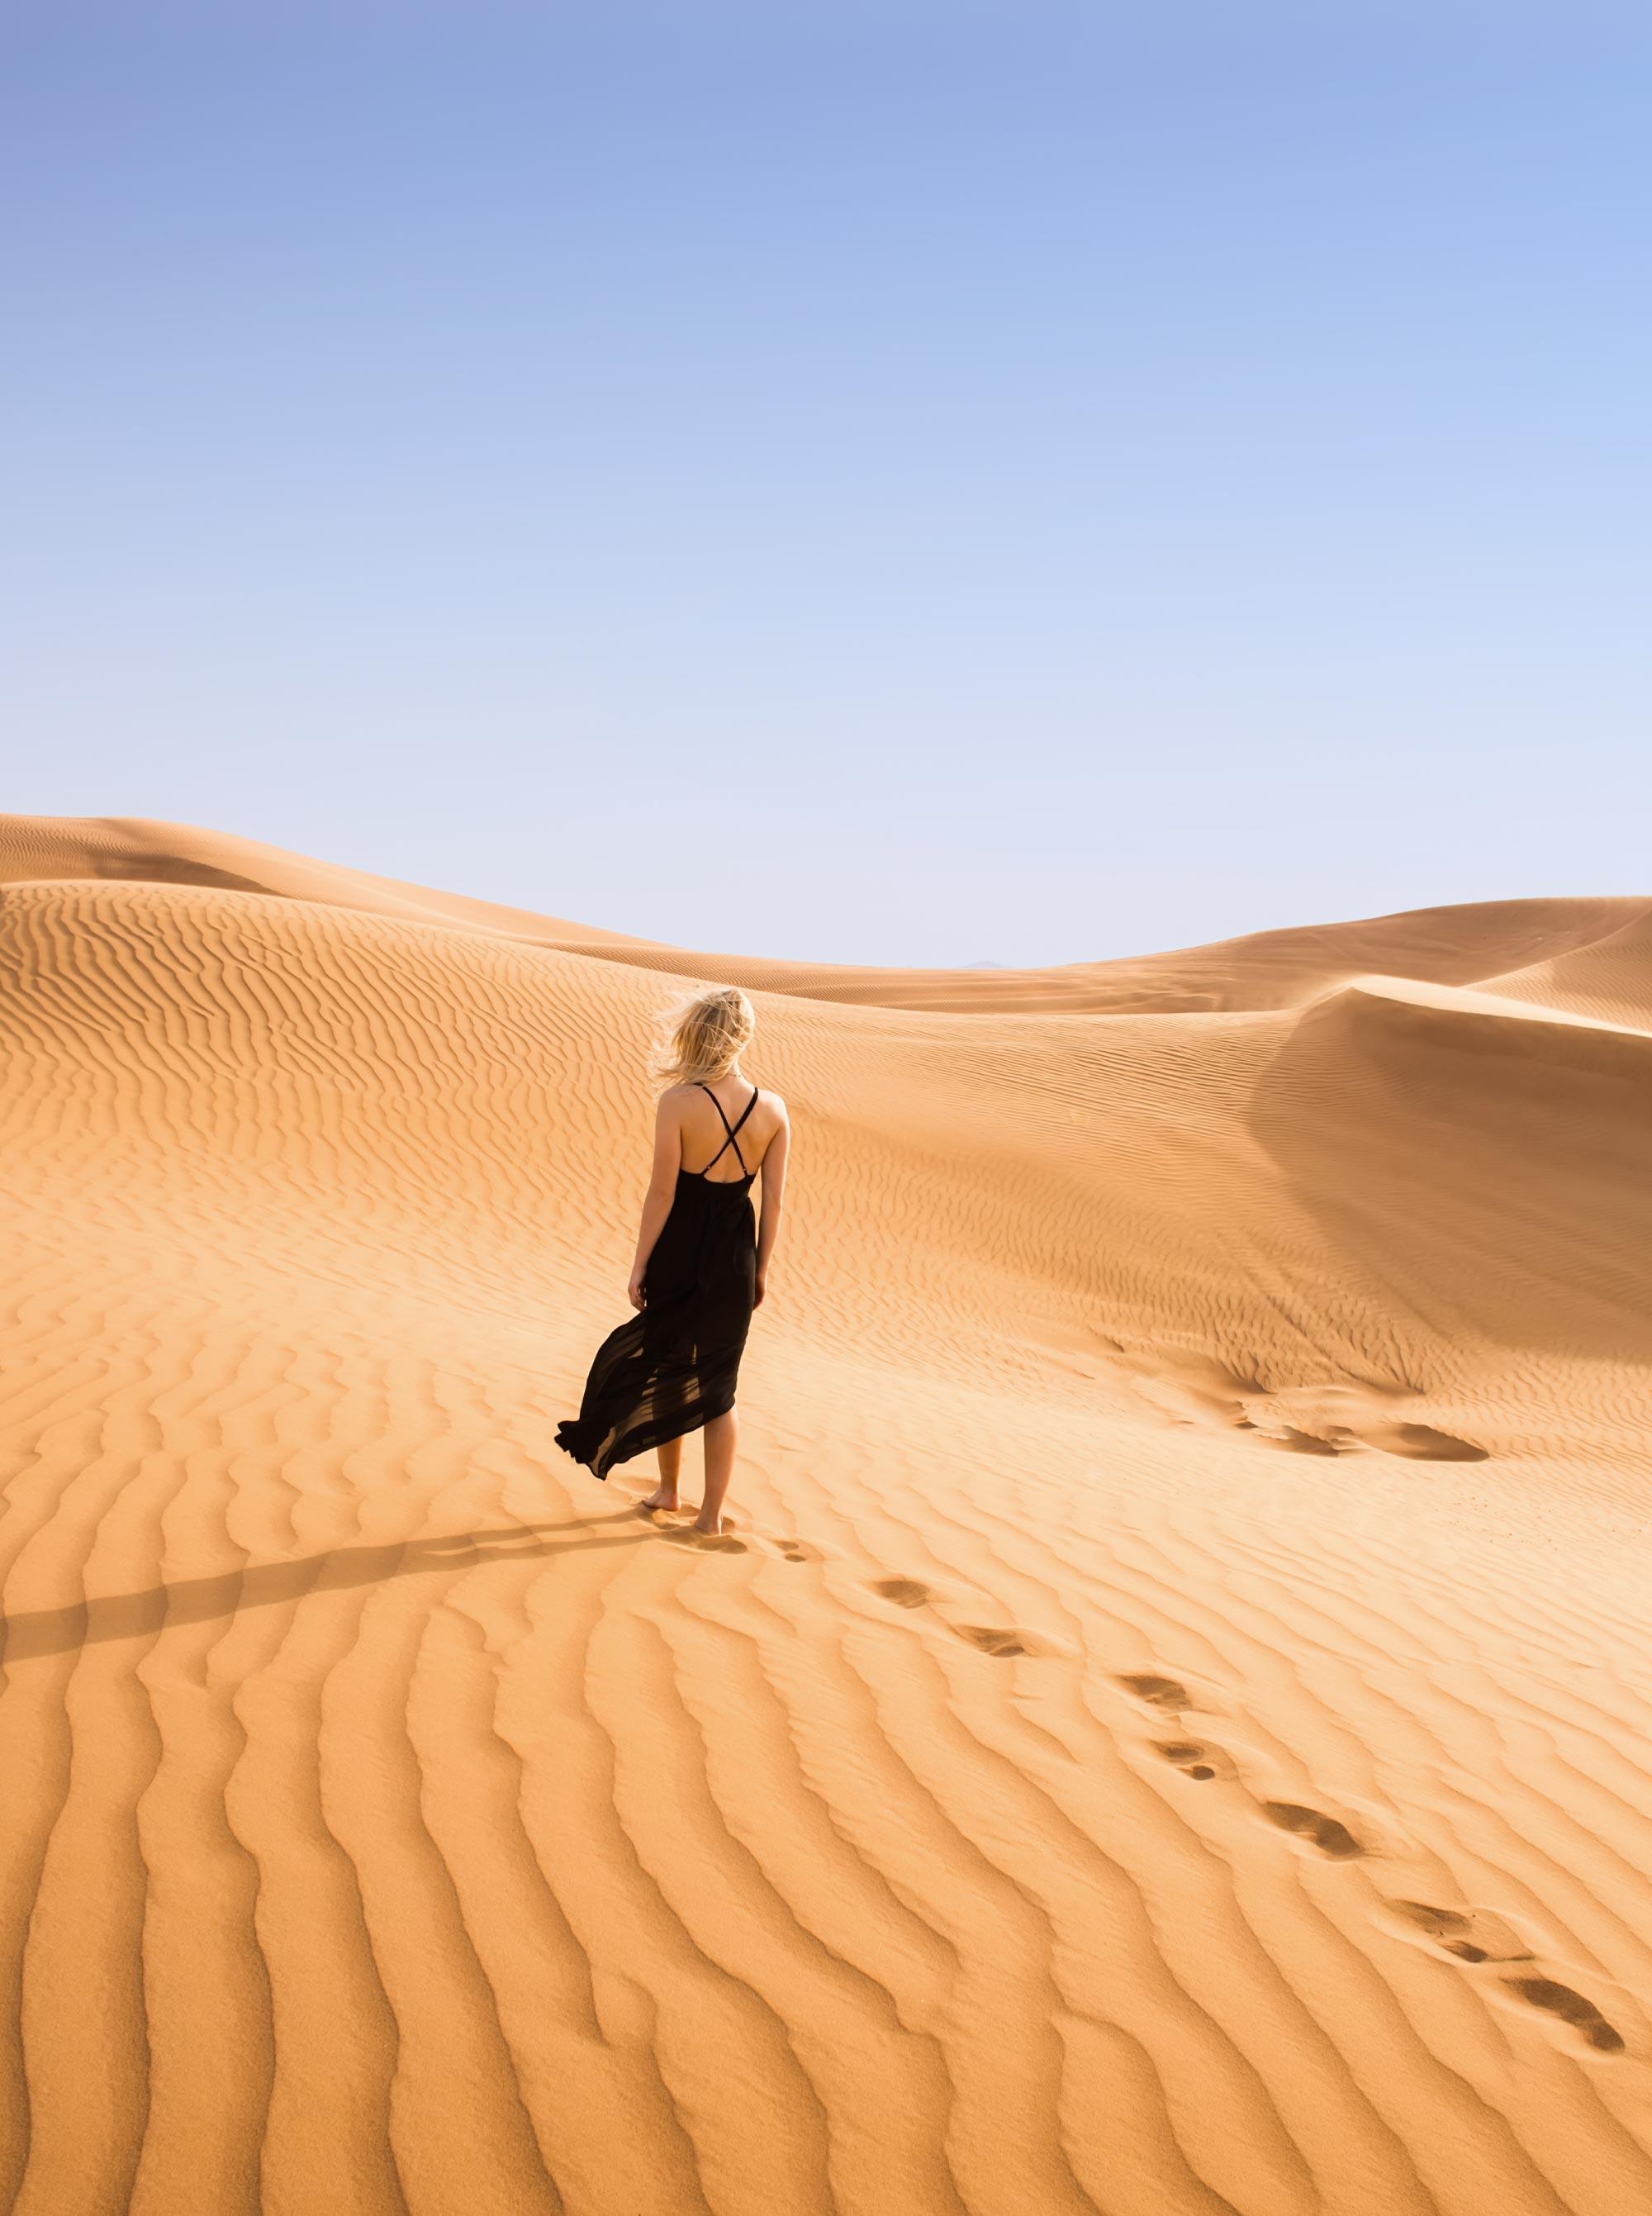 girl in black dress walks through the sand dunes of the desert in Dubai